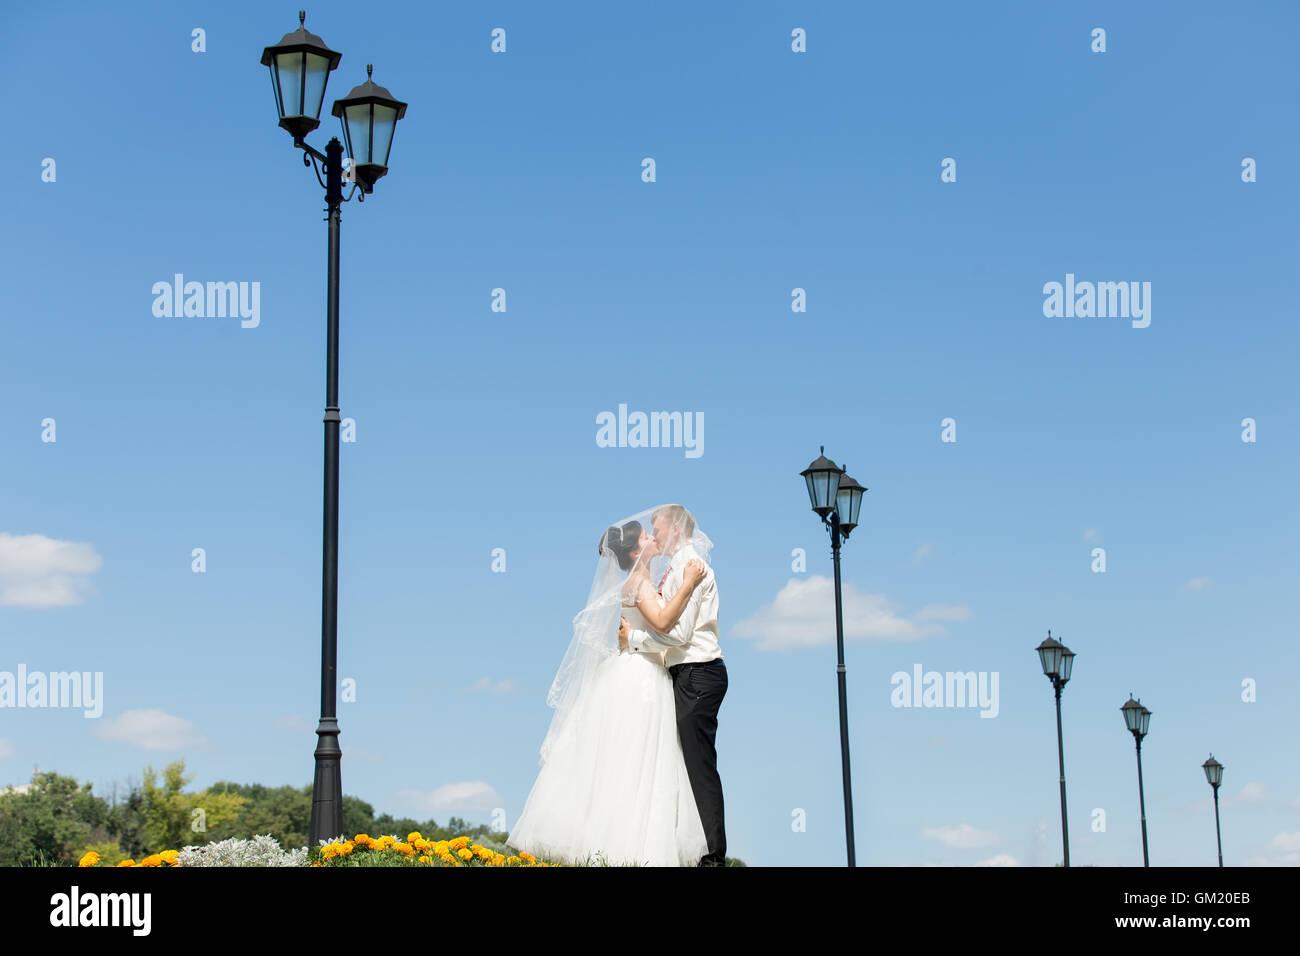 Giovani caucasici di nozze giovane kissing holding velo su capi. Bella sposa felice abbracciando e baciando lo sposo Immagini Stock